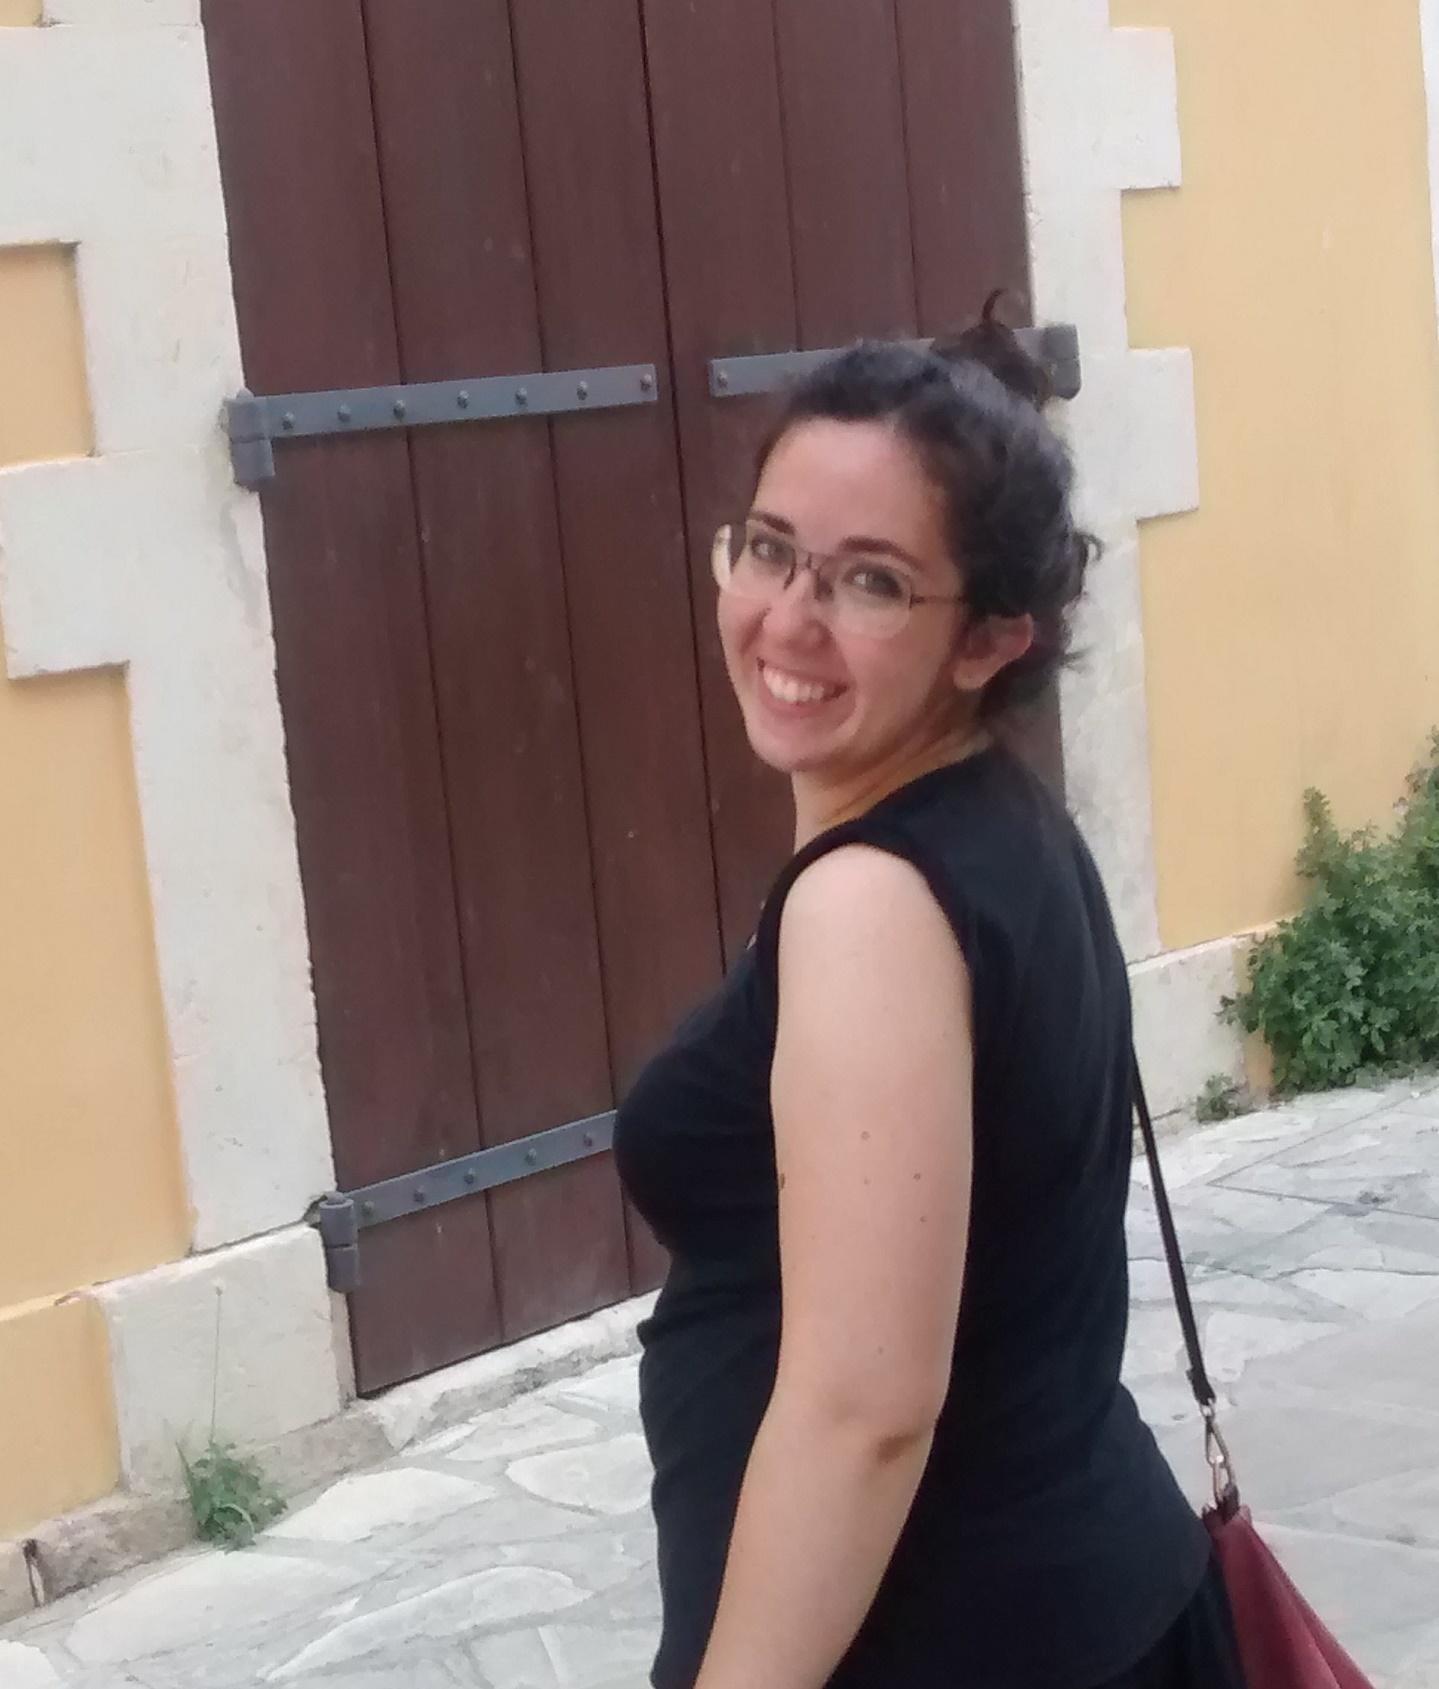 Cristina ventrella